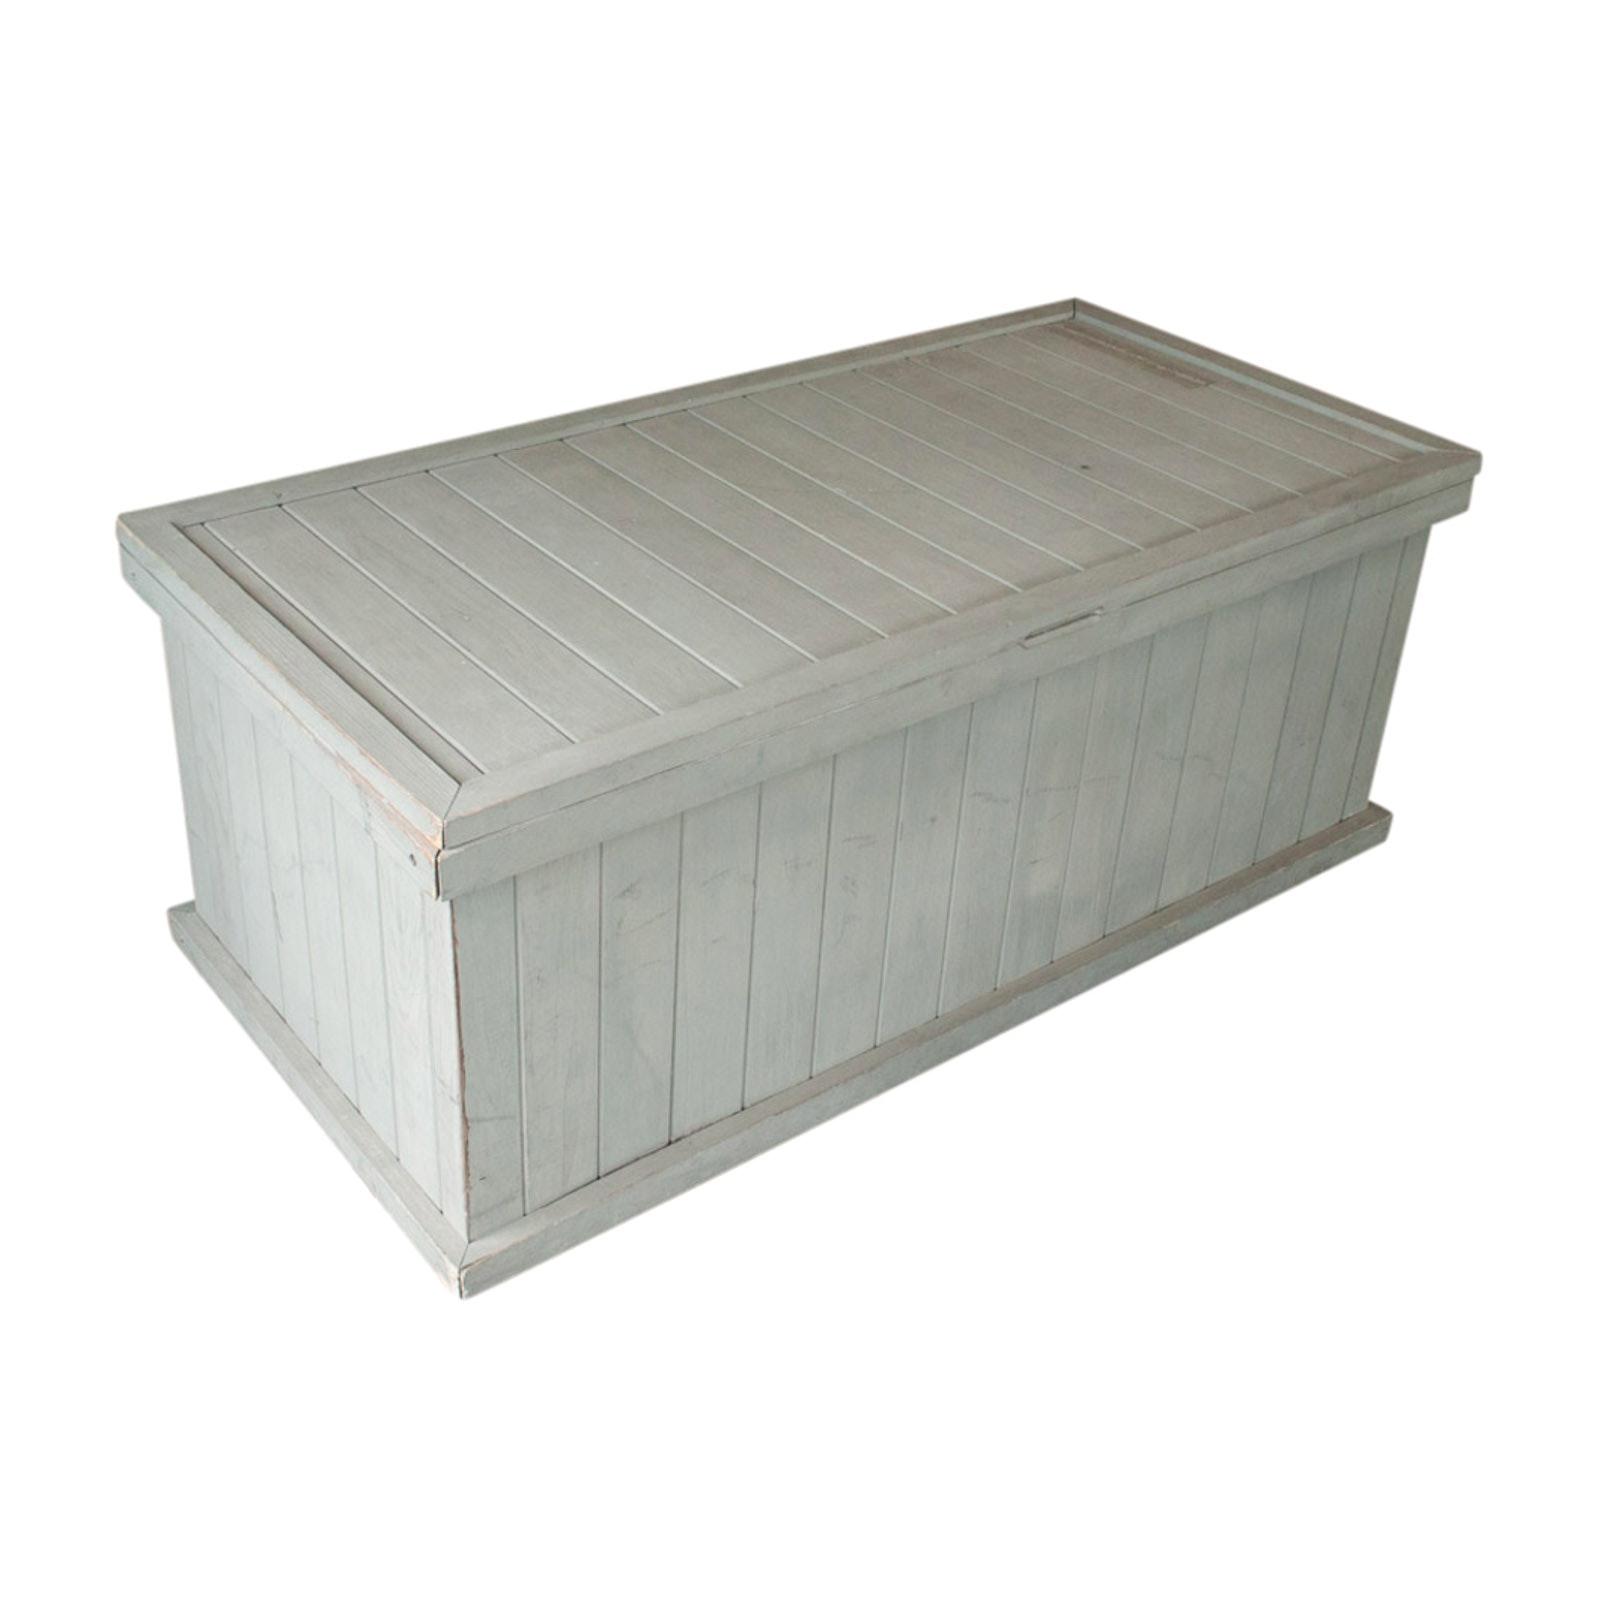 Wooden Patio Storage Bin